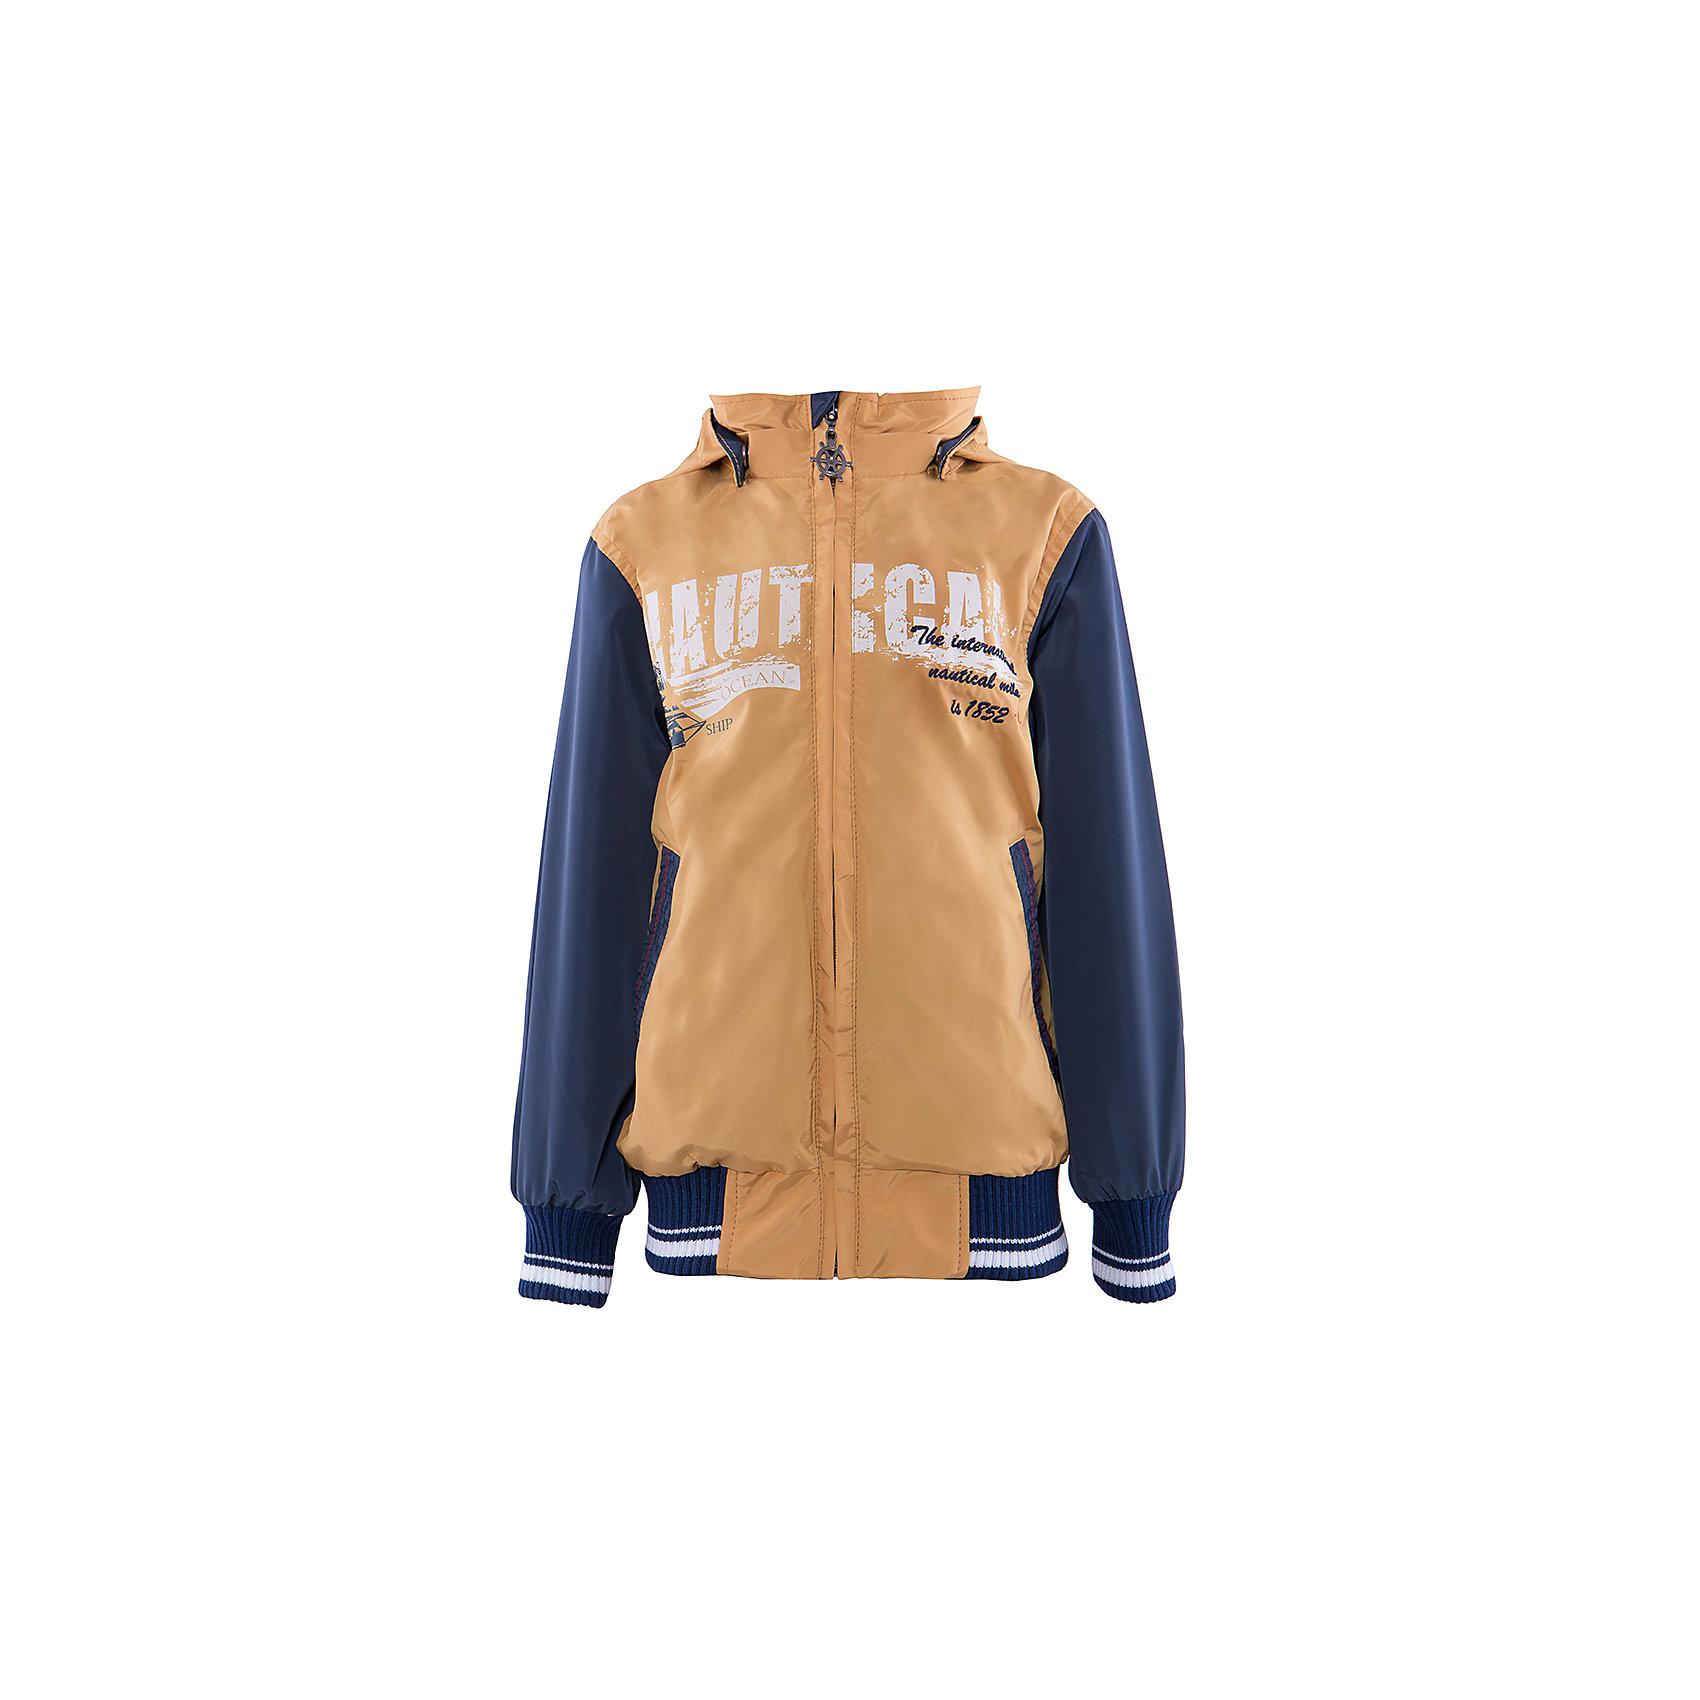 Ветровка для мальчика АртельВетровка для мальчика от торговой марки Артель &#13;<br>&#13;<br>Модная легкая куртка отлично подойдет для прогулок в прохладную погоду. Изделие выполнено из качественных материалов, имеет удобные карманы и капюшон. <br>Одежда от бренда Артель – это высокое качество по приемлемой цене и всегда продуманный дизайн. &#13;<br>&#13;<br>Особенности модели: &#13;<br>- цвет - желтый;&#13;<br>- наличие карманов;&#13;<br>- наличие капюшона;&#13;<br>- низ и манжеты - из трикотажной резинки;&#13;<br>- декорирована принтом;&#13;<br>- застежка-молния.&#13;<br>&#13;<br>Дополнительная информация:&#13;<br>&#13;<br>Состав: &#13;<br>- верх: PRINC;&#13;<br>- подкладка: хлопок интерлок, тиси.&#13;<br>&#13;<br>Температурный режим: &#13;<br>от +10 °C до +20 °C&#13;<br>&#13;<br>Ветровку для мальчика Артель (Artel) можно купить в нашем магазине.<br><br>Ширина мм: 356<br>Глубина мм: 10<br>Высота мм: 245<br>Вес г: 519<br>Цвет: желтый<br>Возраст от месяцев: 48<br>Возраст до месяцев: 60<br>Пол: Мужской<br>Возраст: Детский<br>Размер: 110,122,104,128,116<br>SKU: 4496232